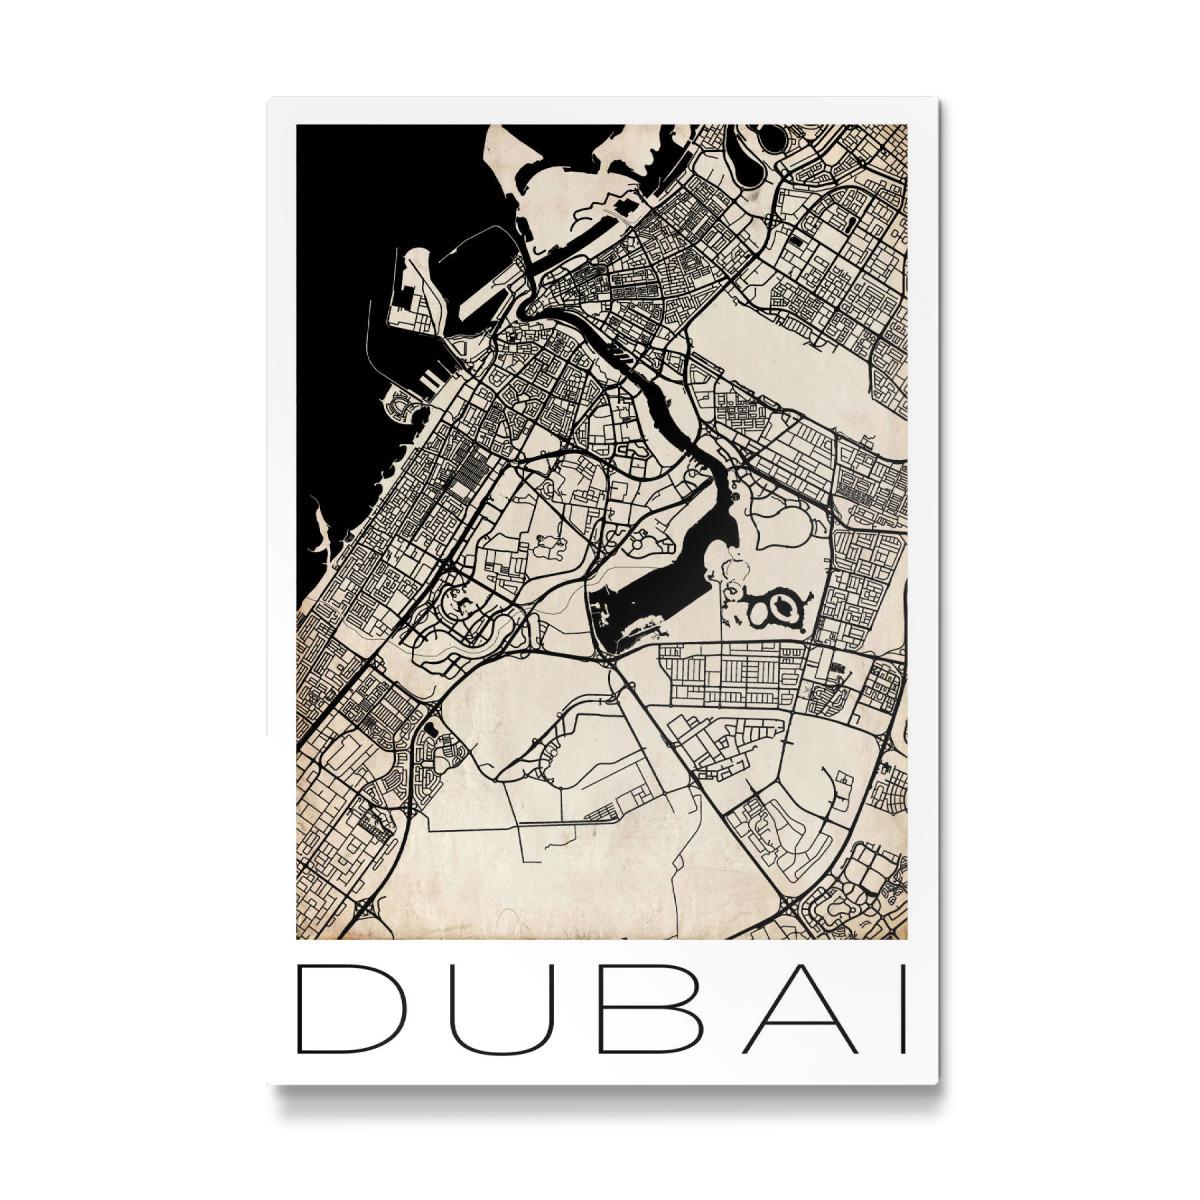 Retro Map of Dubai als Galerie-Print bei artboxONE kaufen